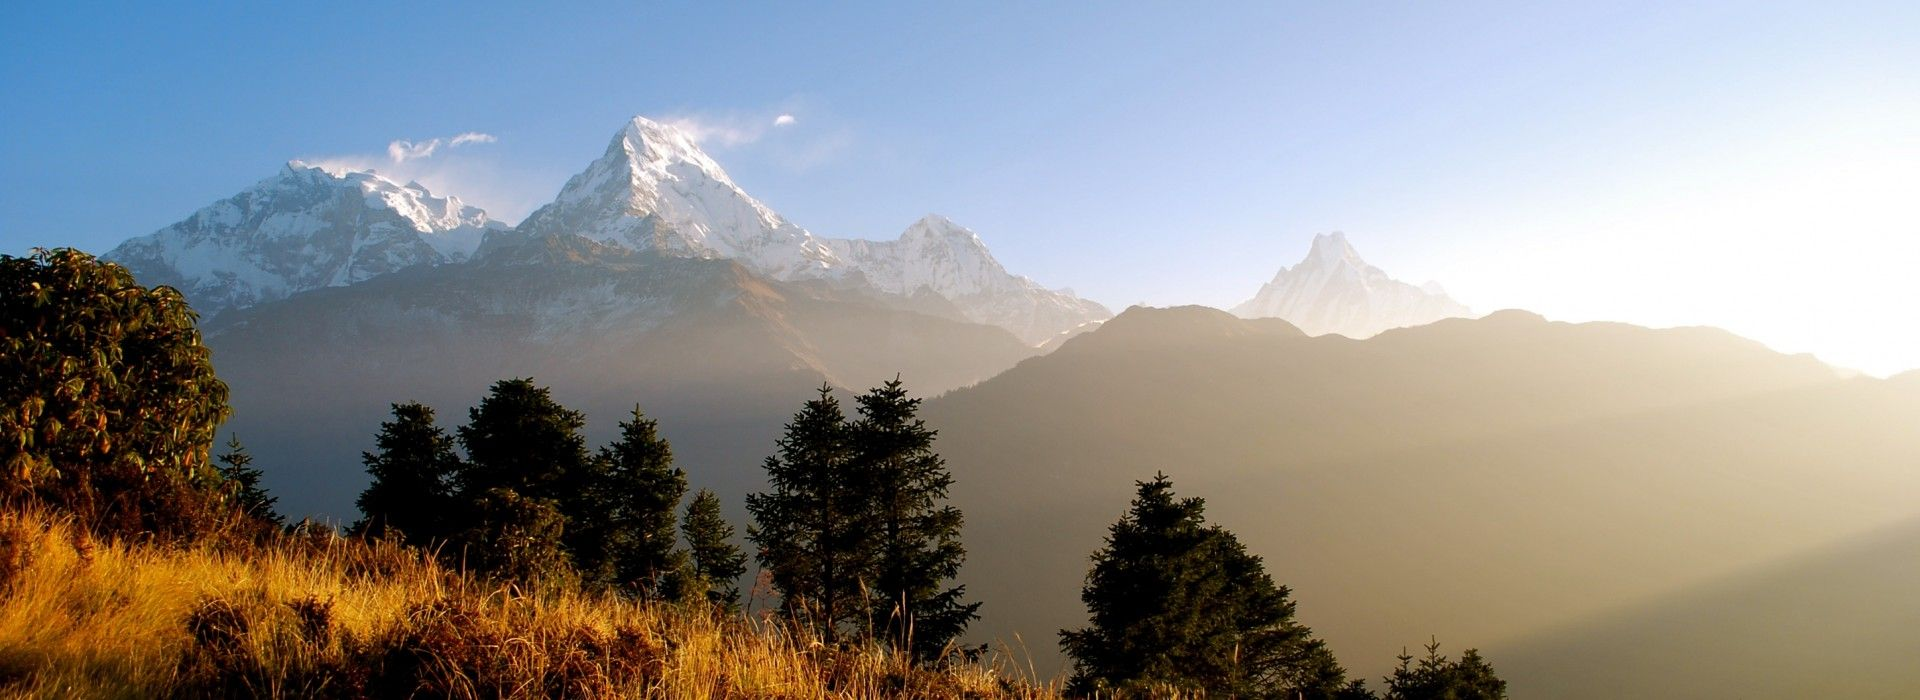 Mountain biking Tours in Nagarkot